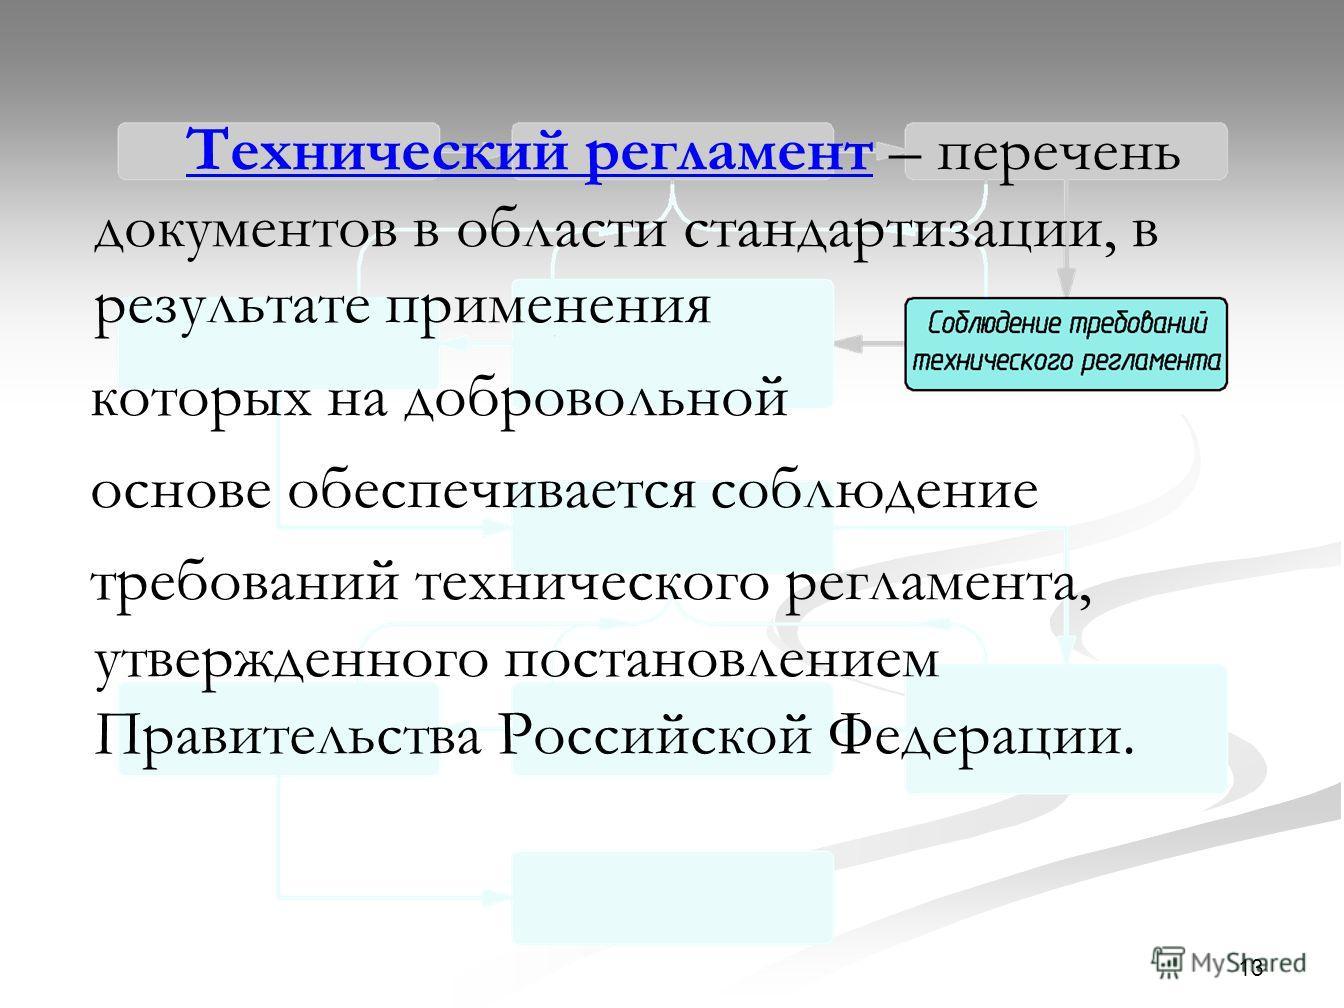 13 Технический регламент – перечень документов в области стандартизации, в результате применения которых на добровольной основе обеспечивается соблюдение требований технического регламента, утвержденного постановлением Правительства Российской Федера